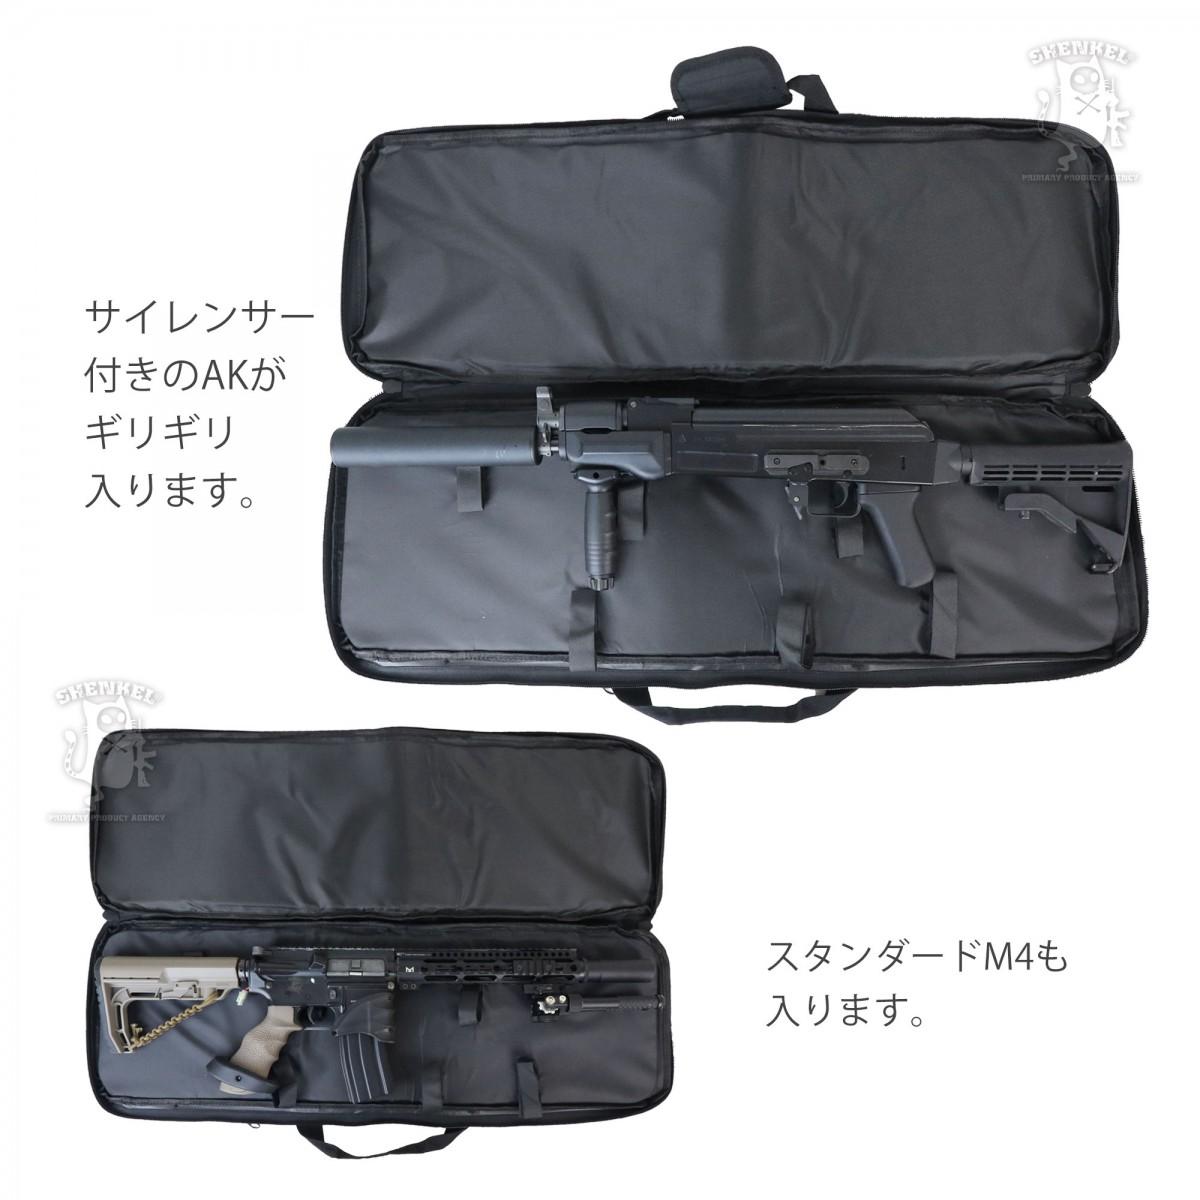 SHENKEL シェンケル 80cm 85cm ダブル シングル ガンケース ライフルケース ( 黒 ブラック ) SLR 2WAY 手持ち 背負い リュック